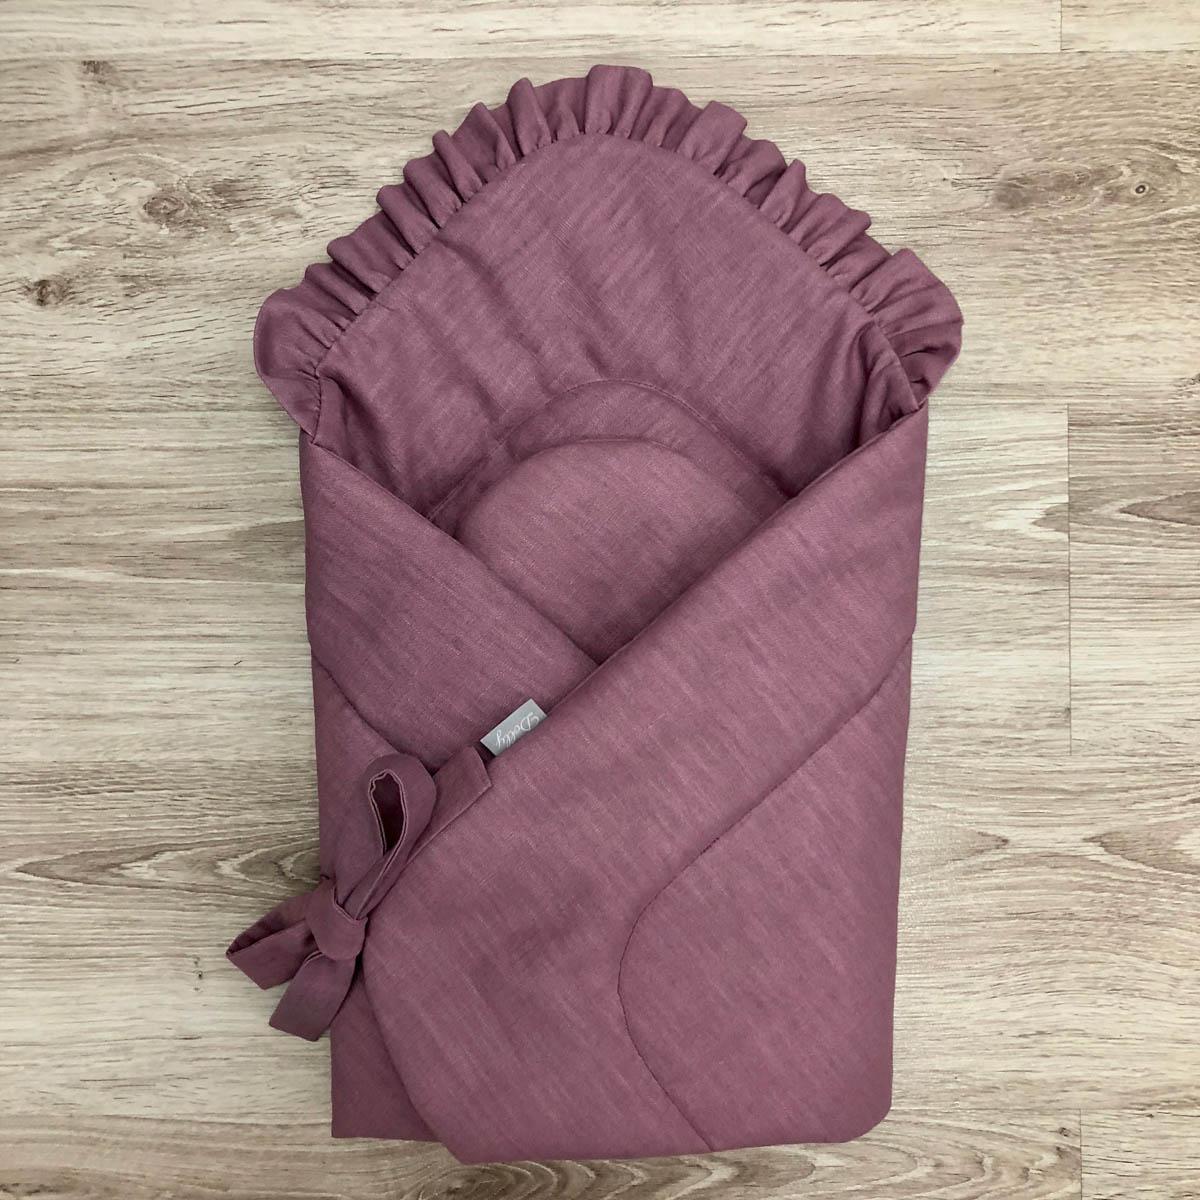 Rożek niemowlęcy w kolorze zgaszonego fioletu, z falbanką i kokardką jest mięciutki i milutki.